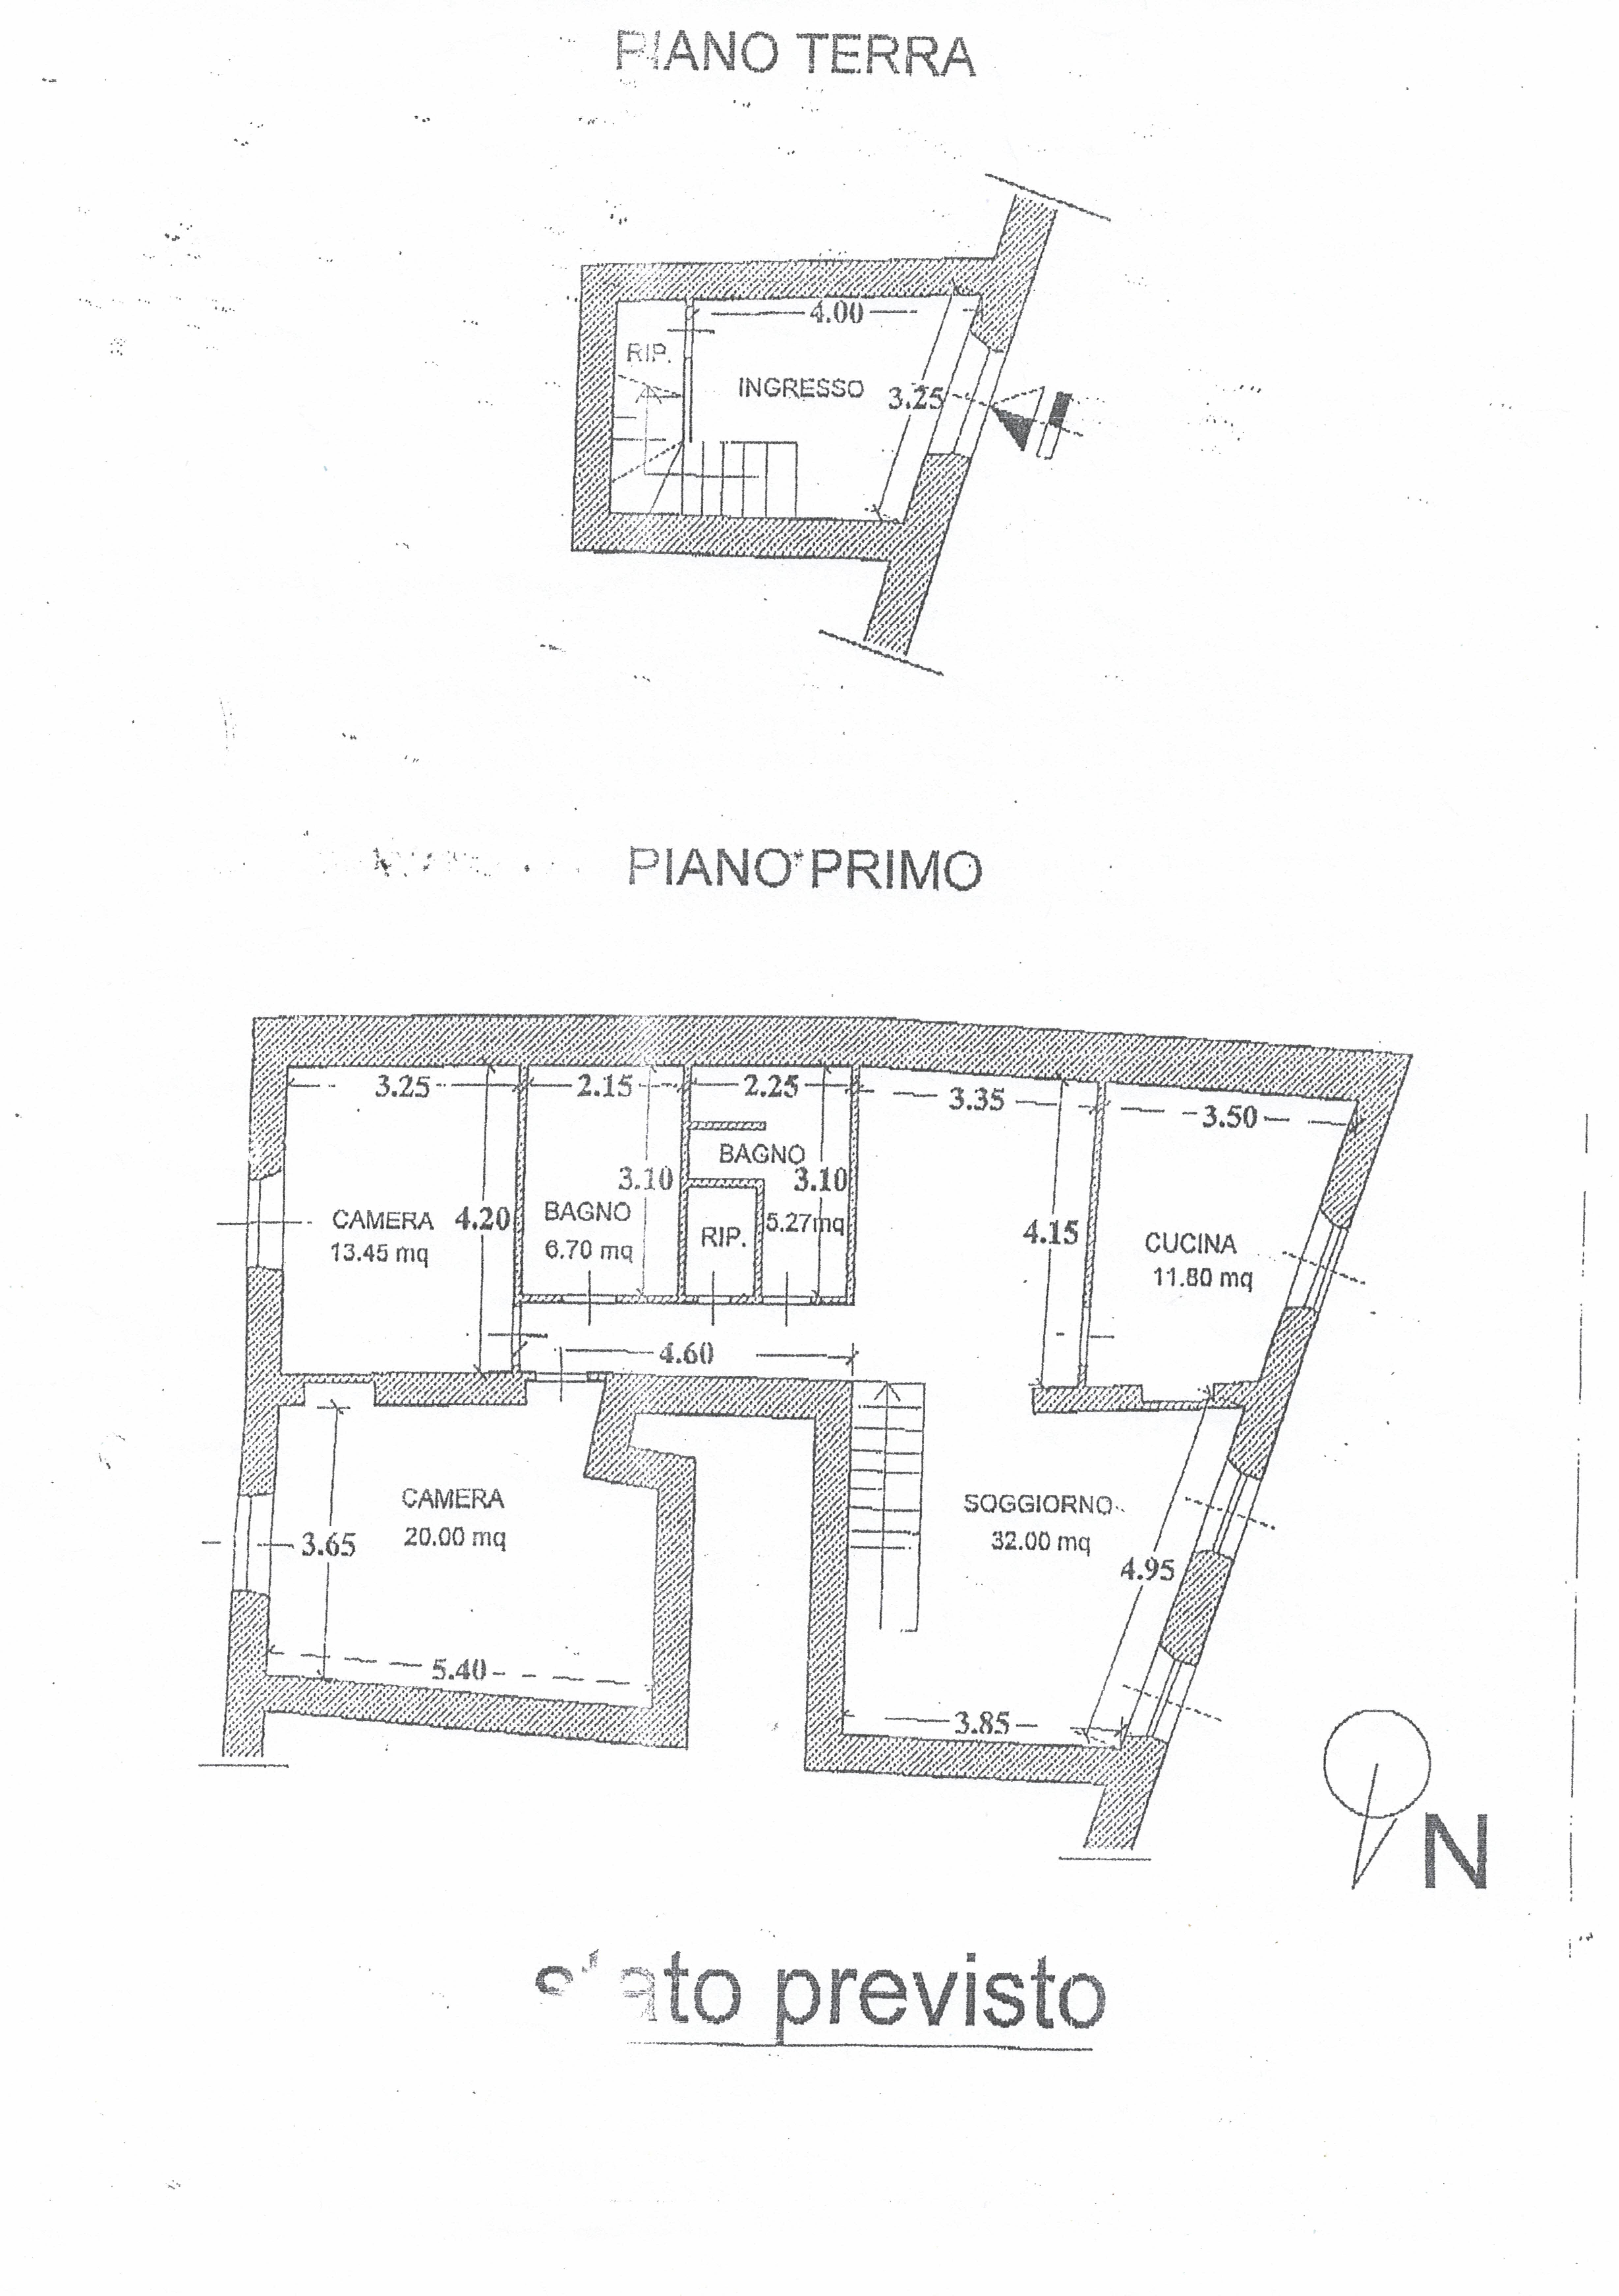 Piano Terra-Primo